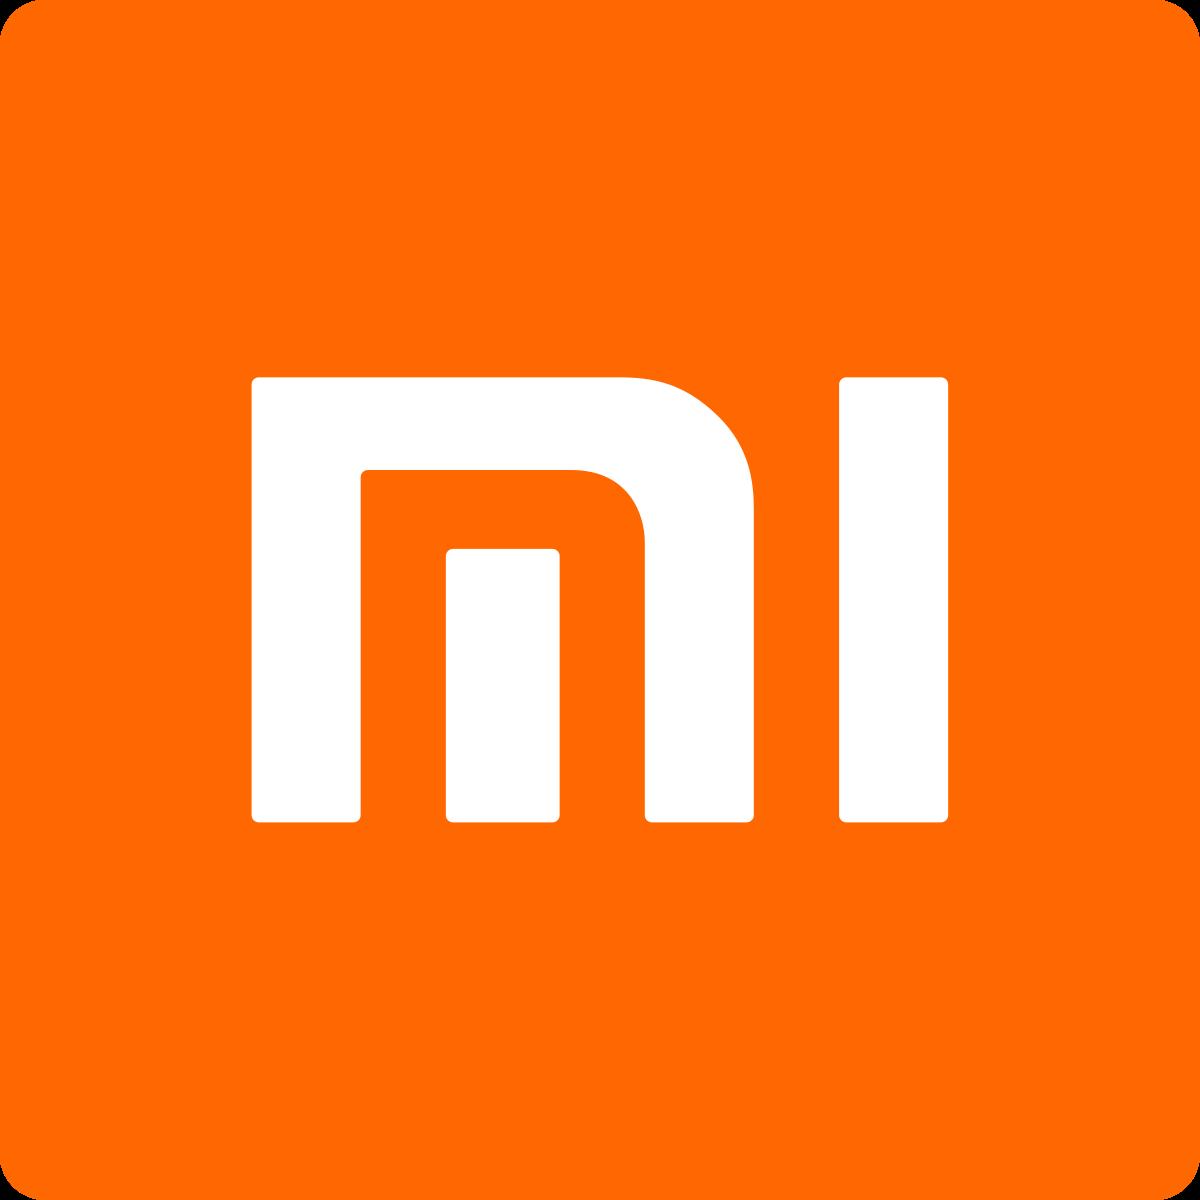 Cum e noul smart TV Redmi TV al Xiaomi si ce pret are